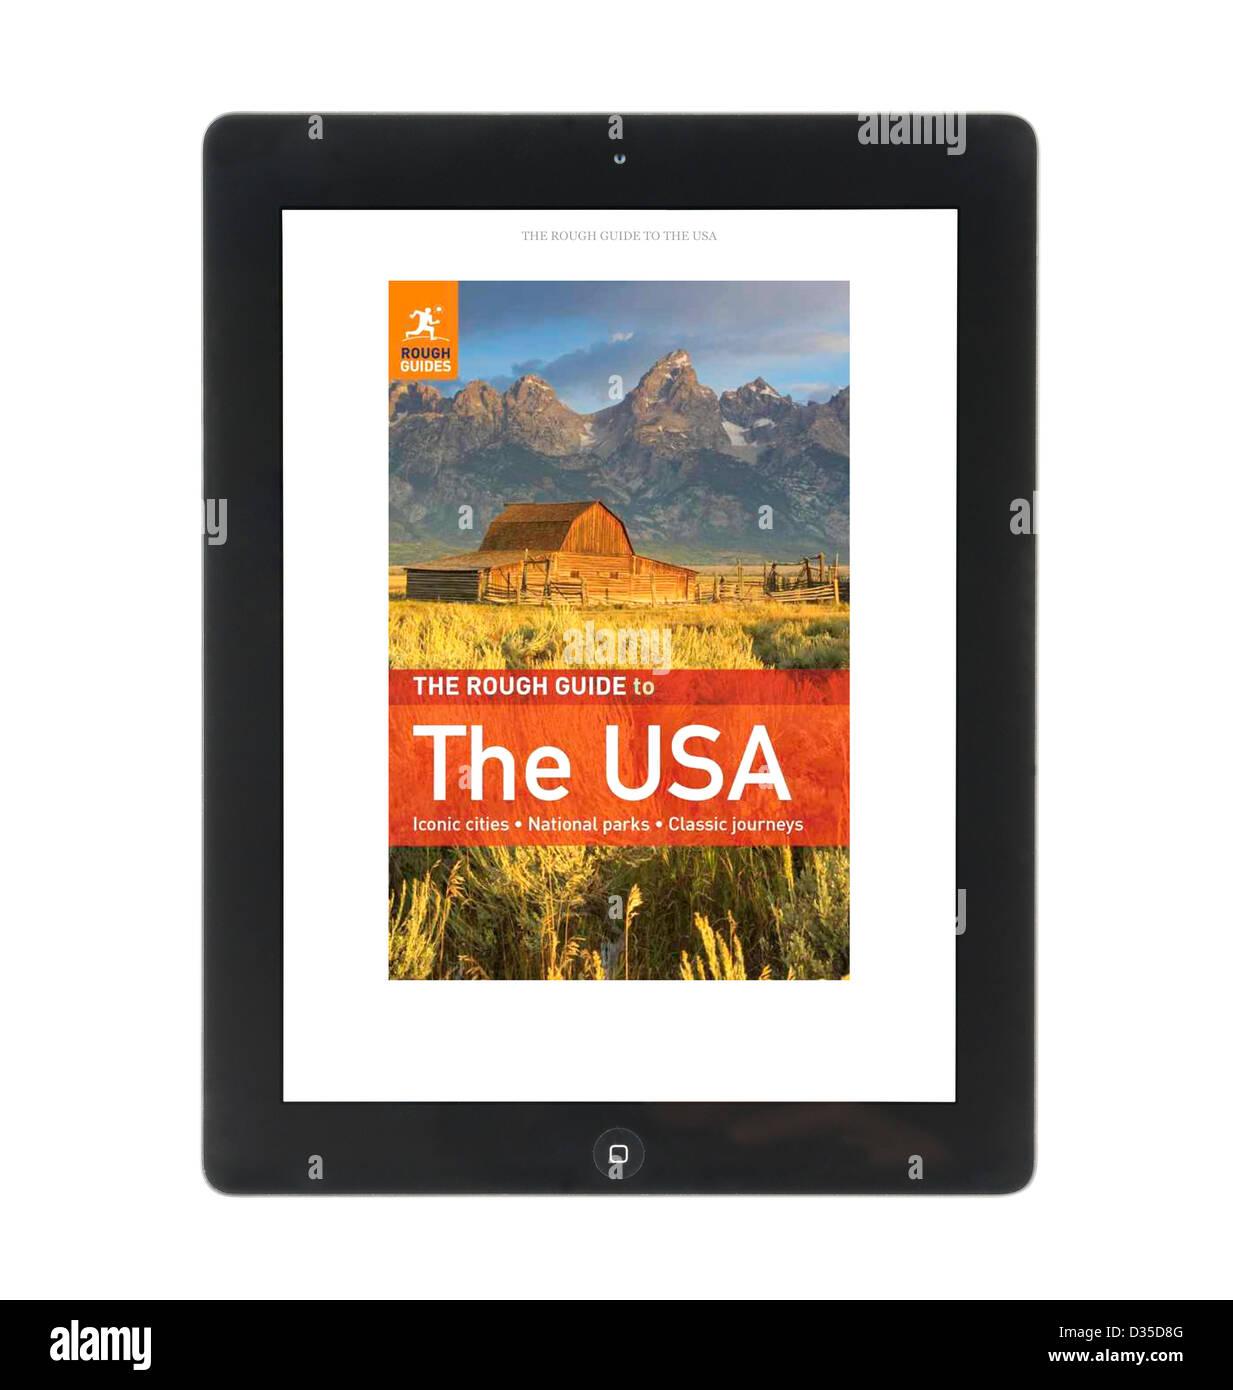 La lecture d'un guide approximatif avec carnet de voyage l'application Kindle sur un Apple iPad retina 4ème Photo Stock